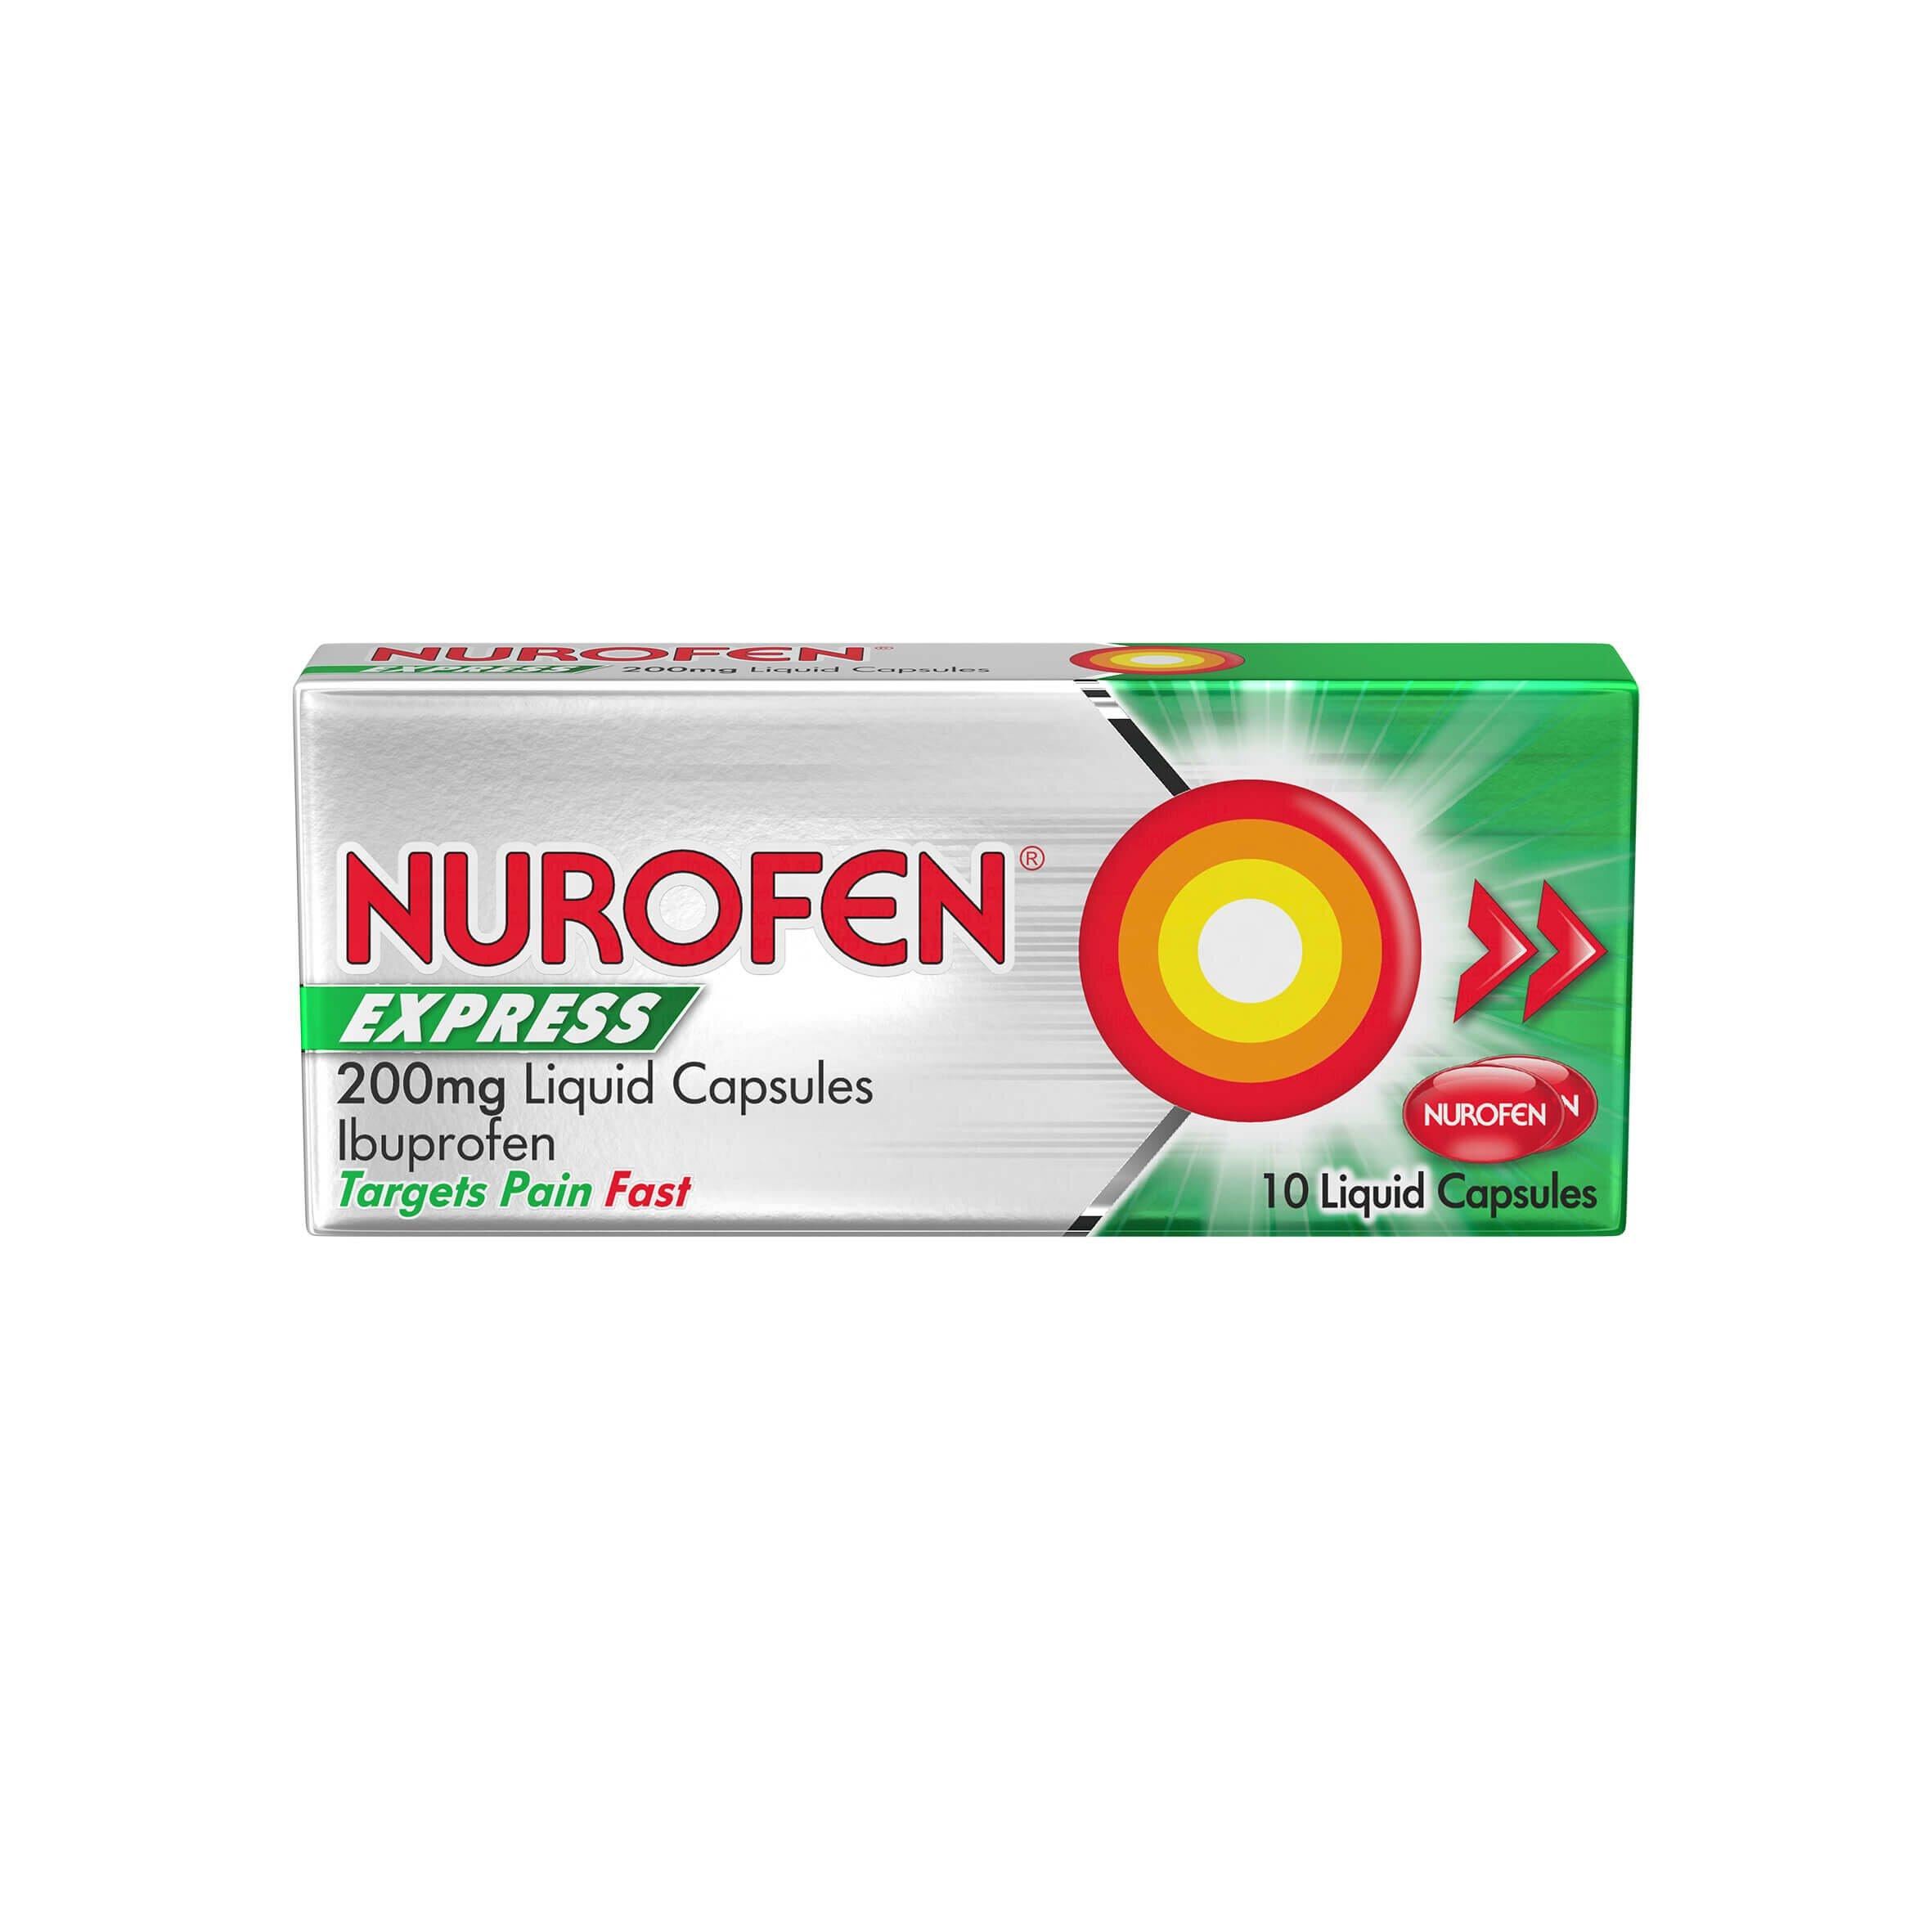 Nurofen Express Liquid Capsules